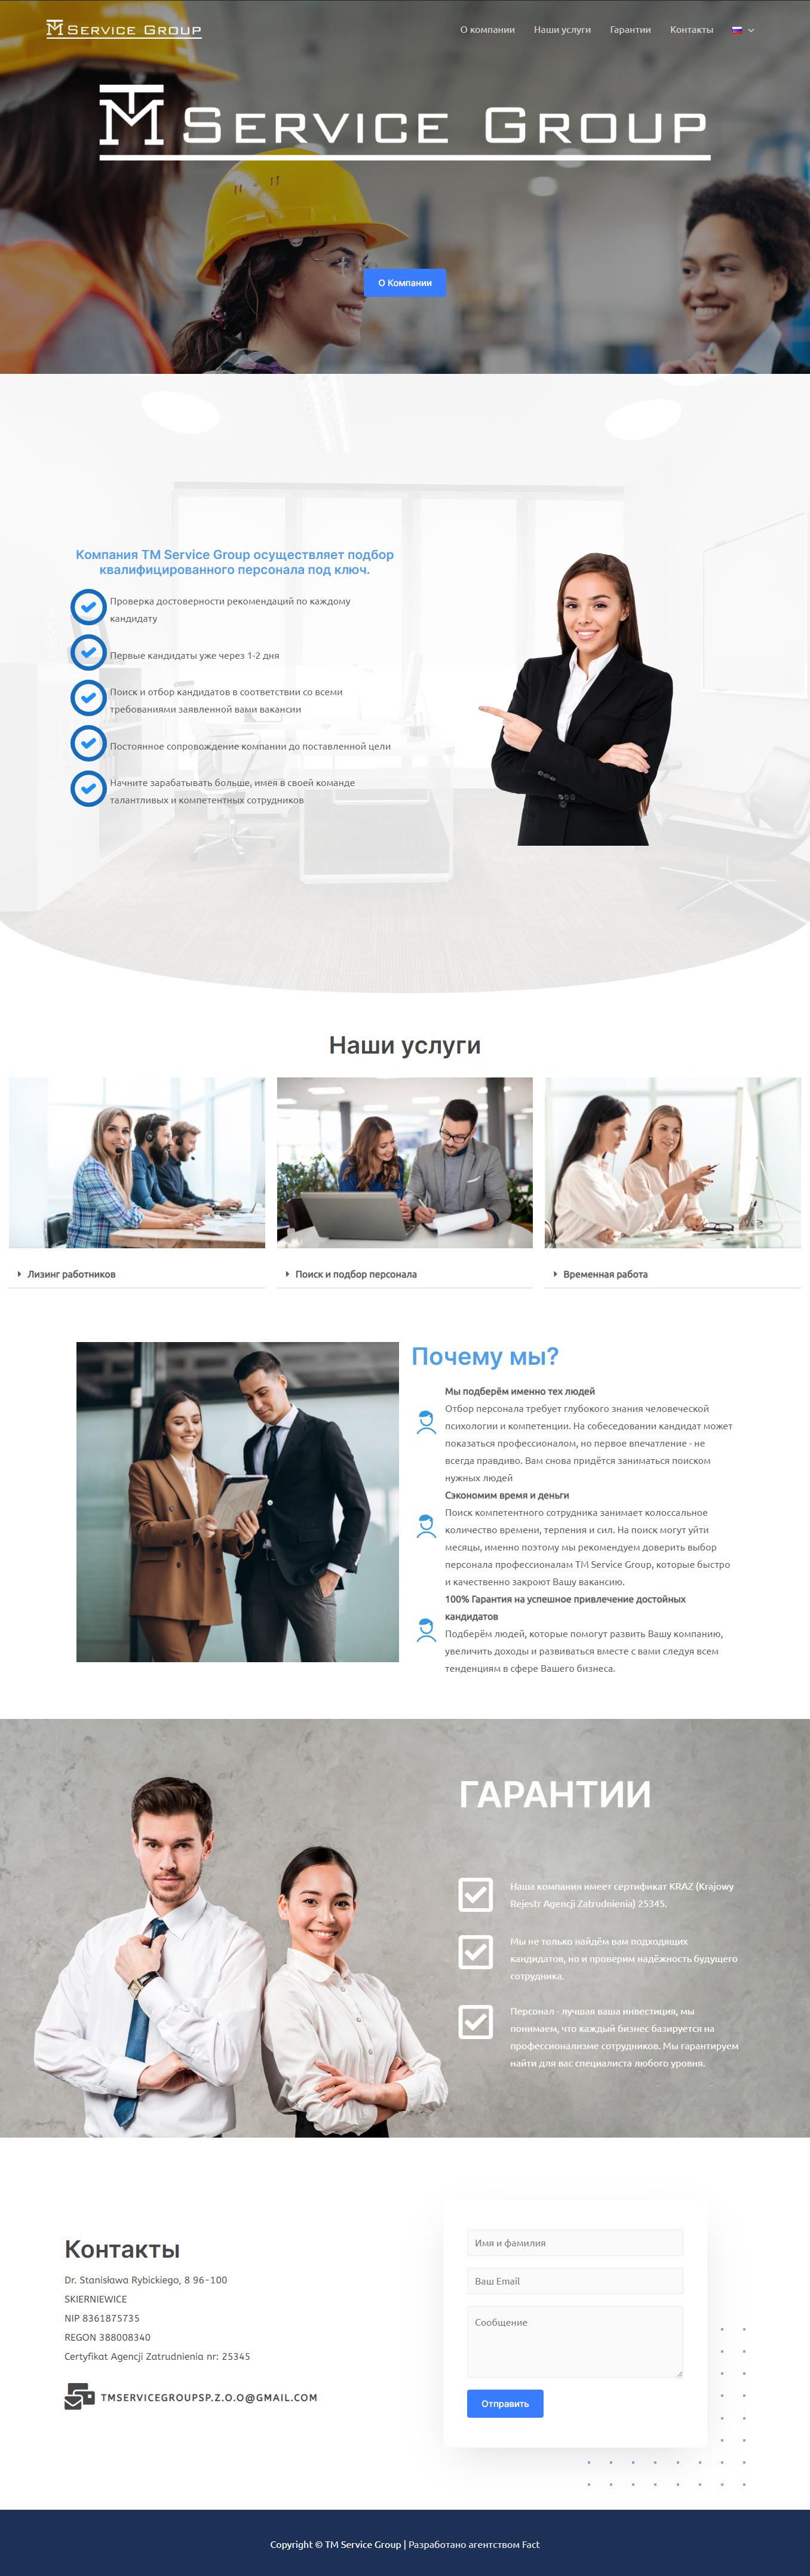 Разработка сайта для рекрутингового агенства TM Service Group